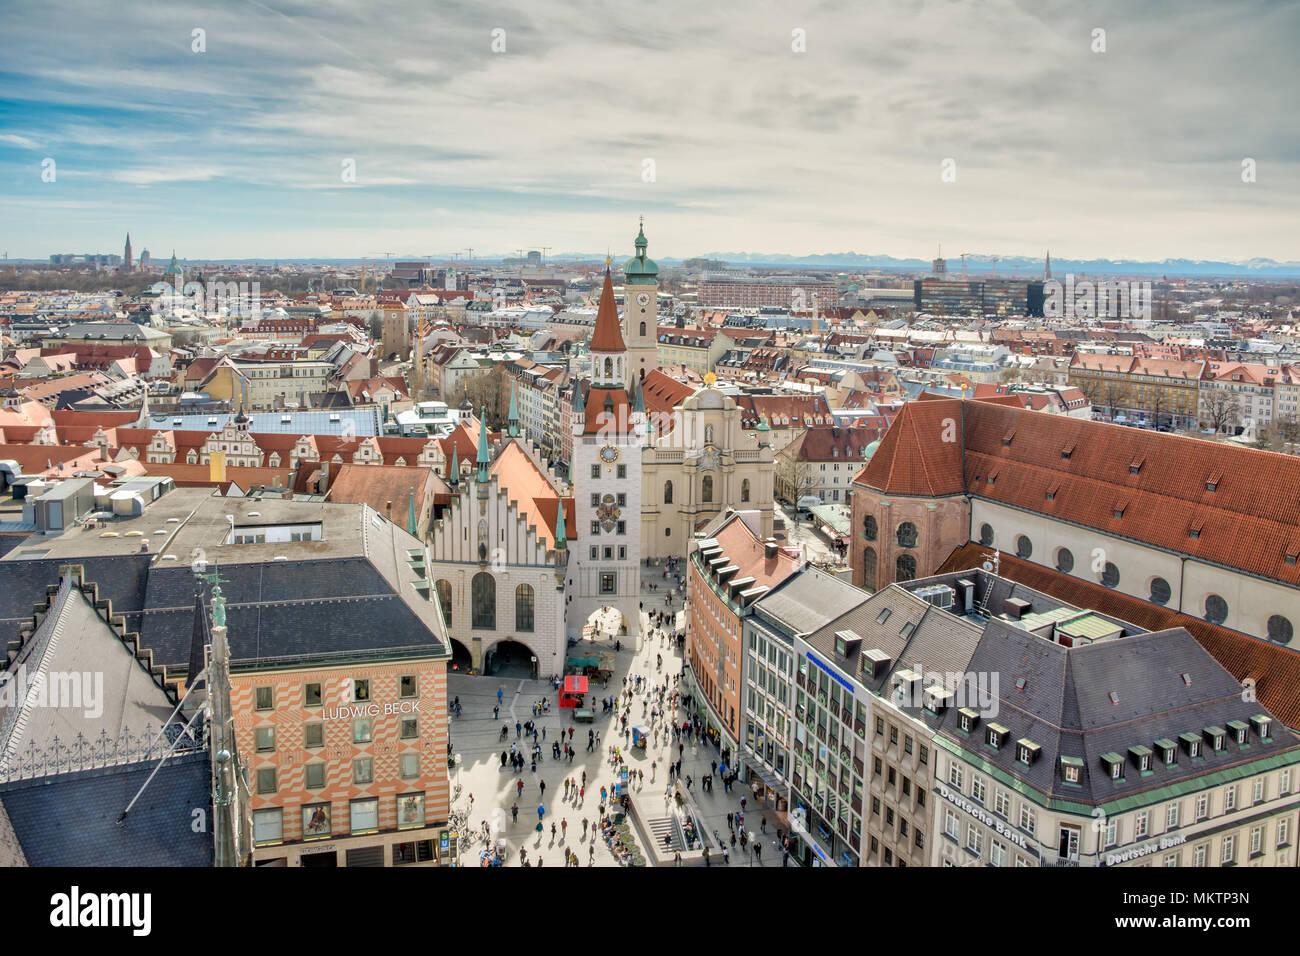 MUNICH, ALLEMAGNE - le 4 avril: vue aérienne sur la ville de Munich, Allemagne, le 4 avril 2018. Des foules de gens sont à la place. Photo Stock